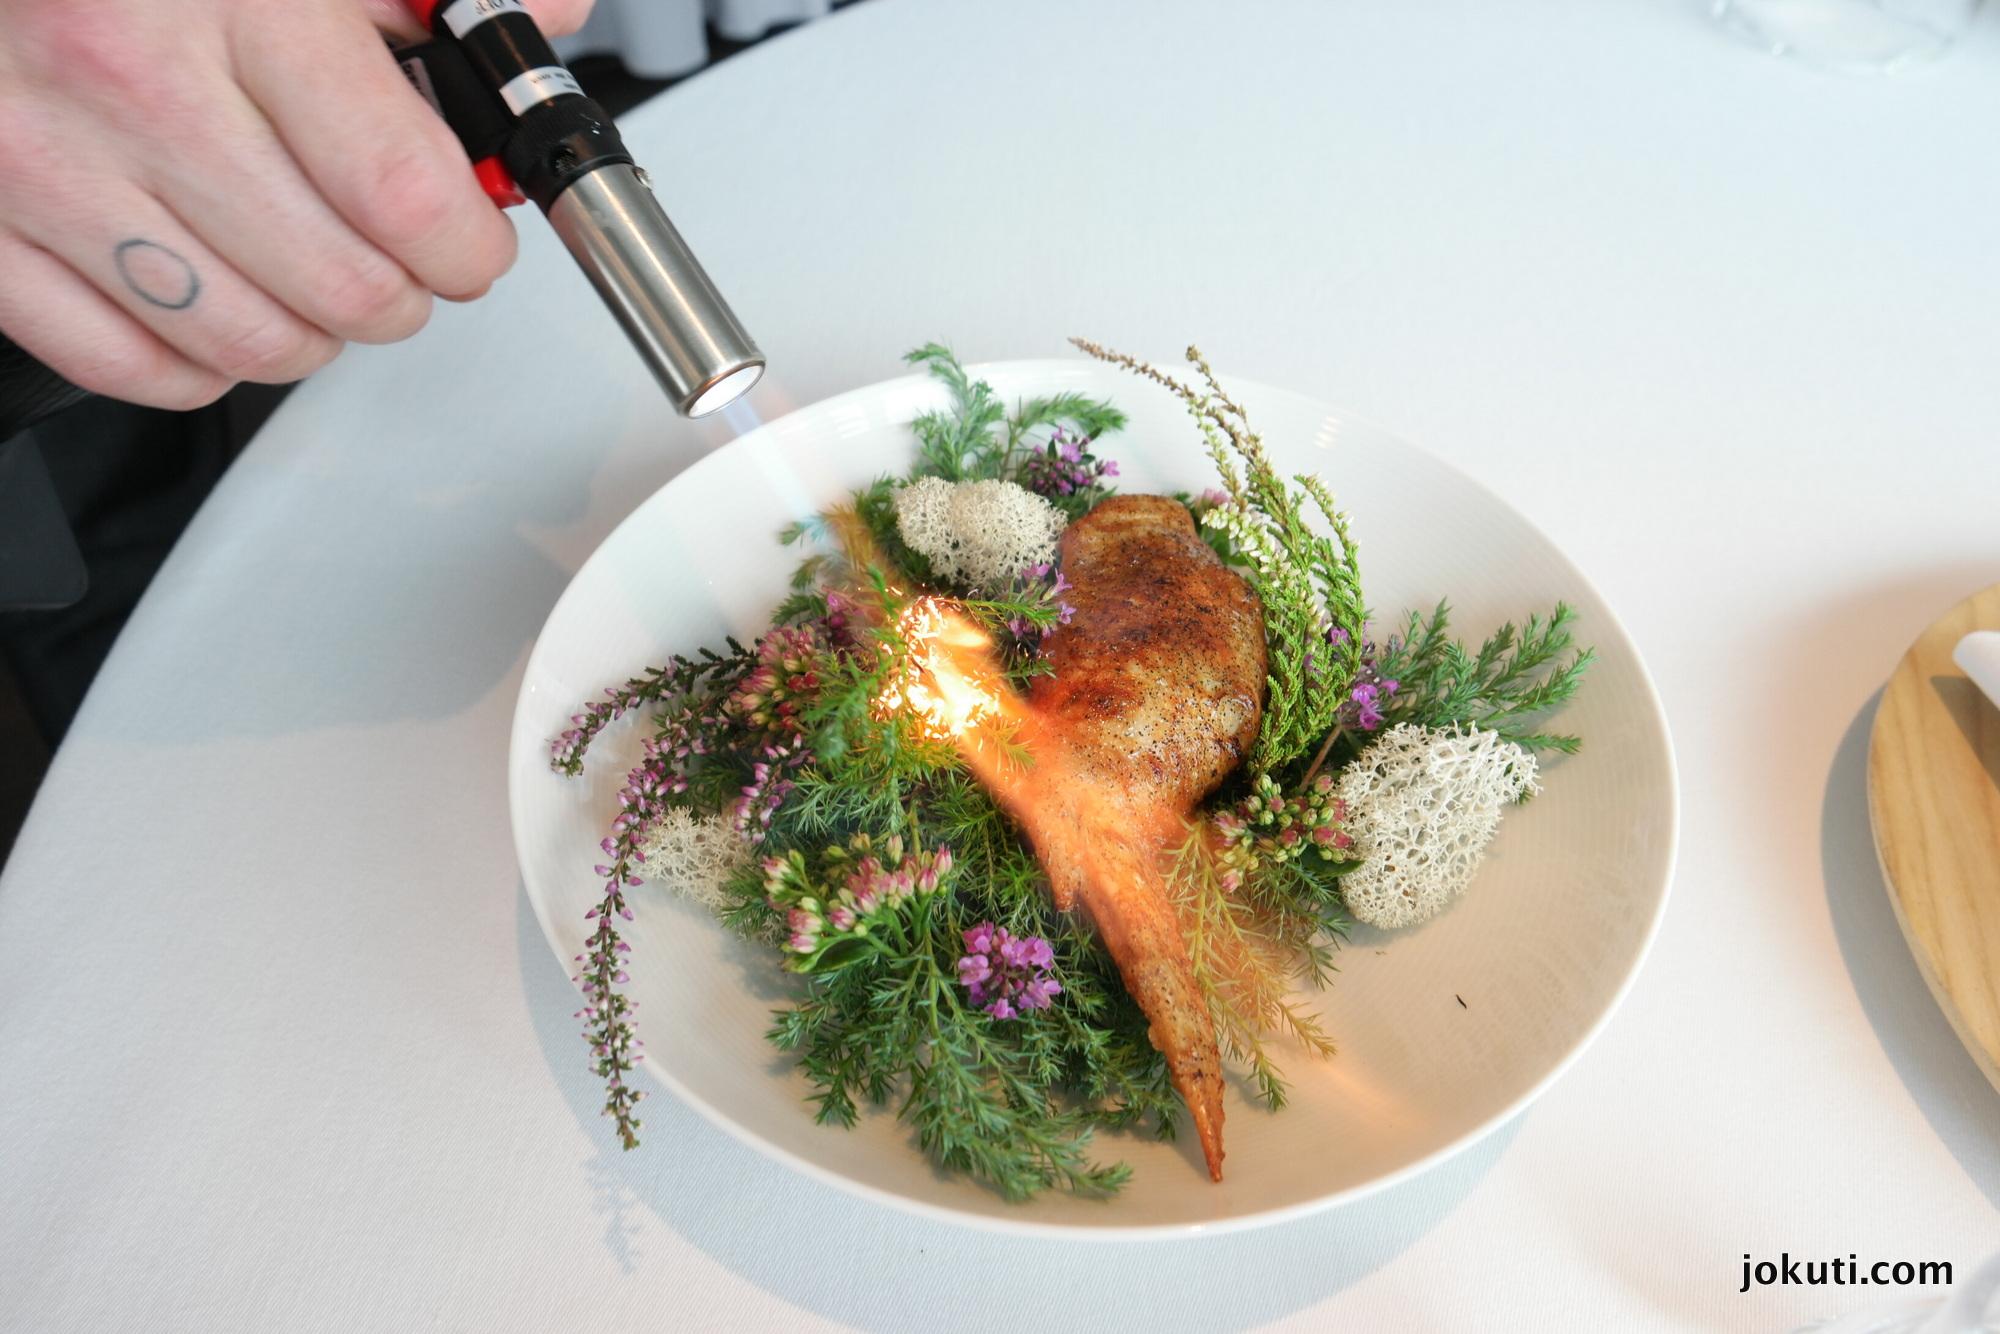 Csirke borókaaromával, salátaszár, szénasör és keserű füvek.